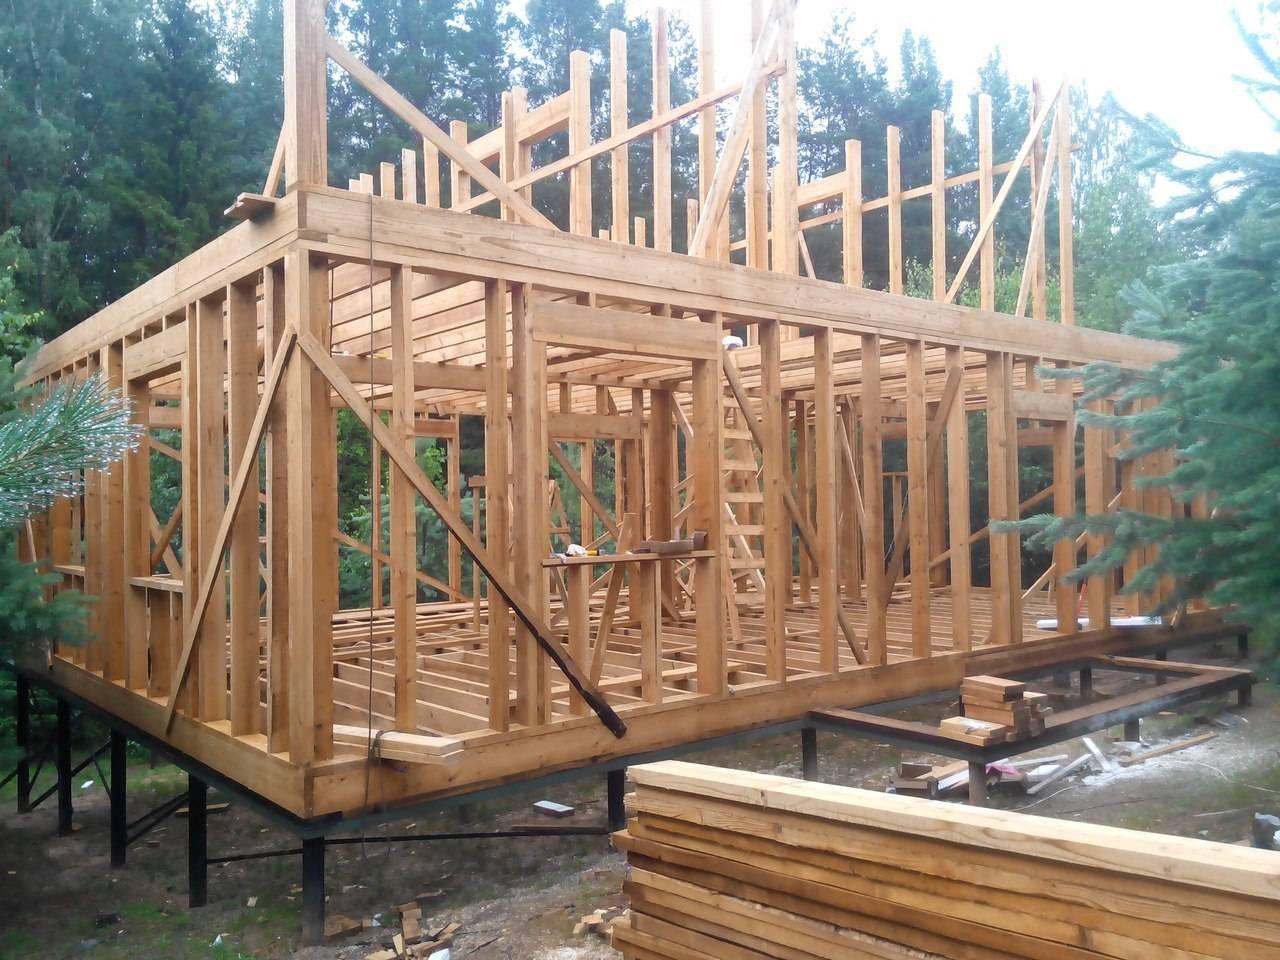 Каркасный дом своими руками: ???? пошаговая инструкция 6х6 по строительству и утеплению